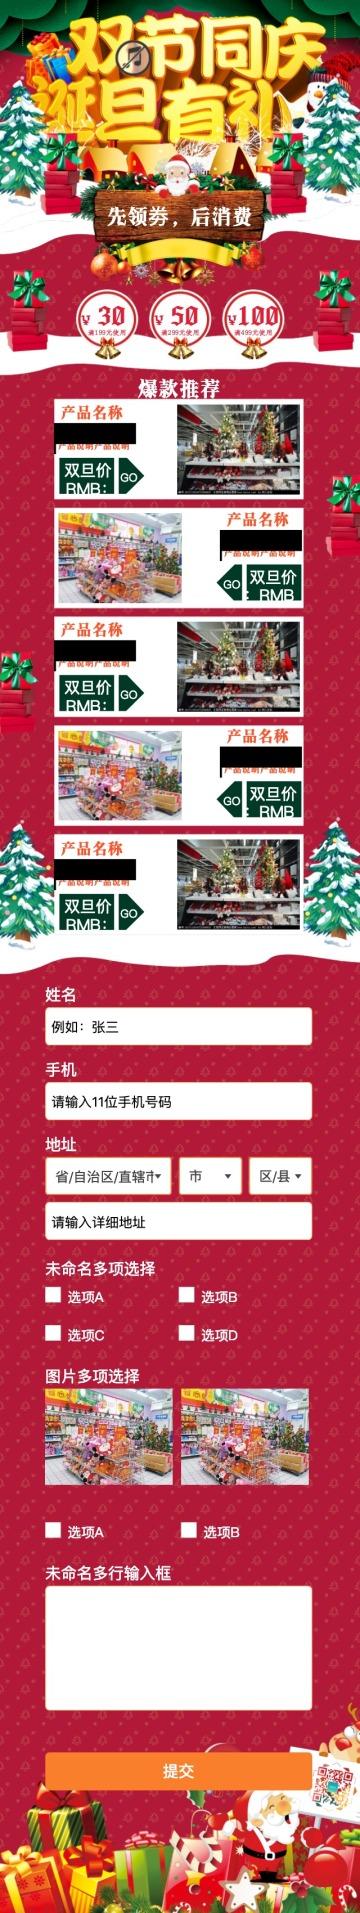 双节同庆圣诞有礼红绿色系店铺宣传推广单页